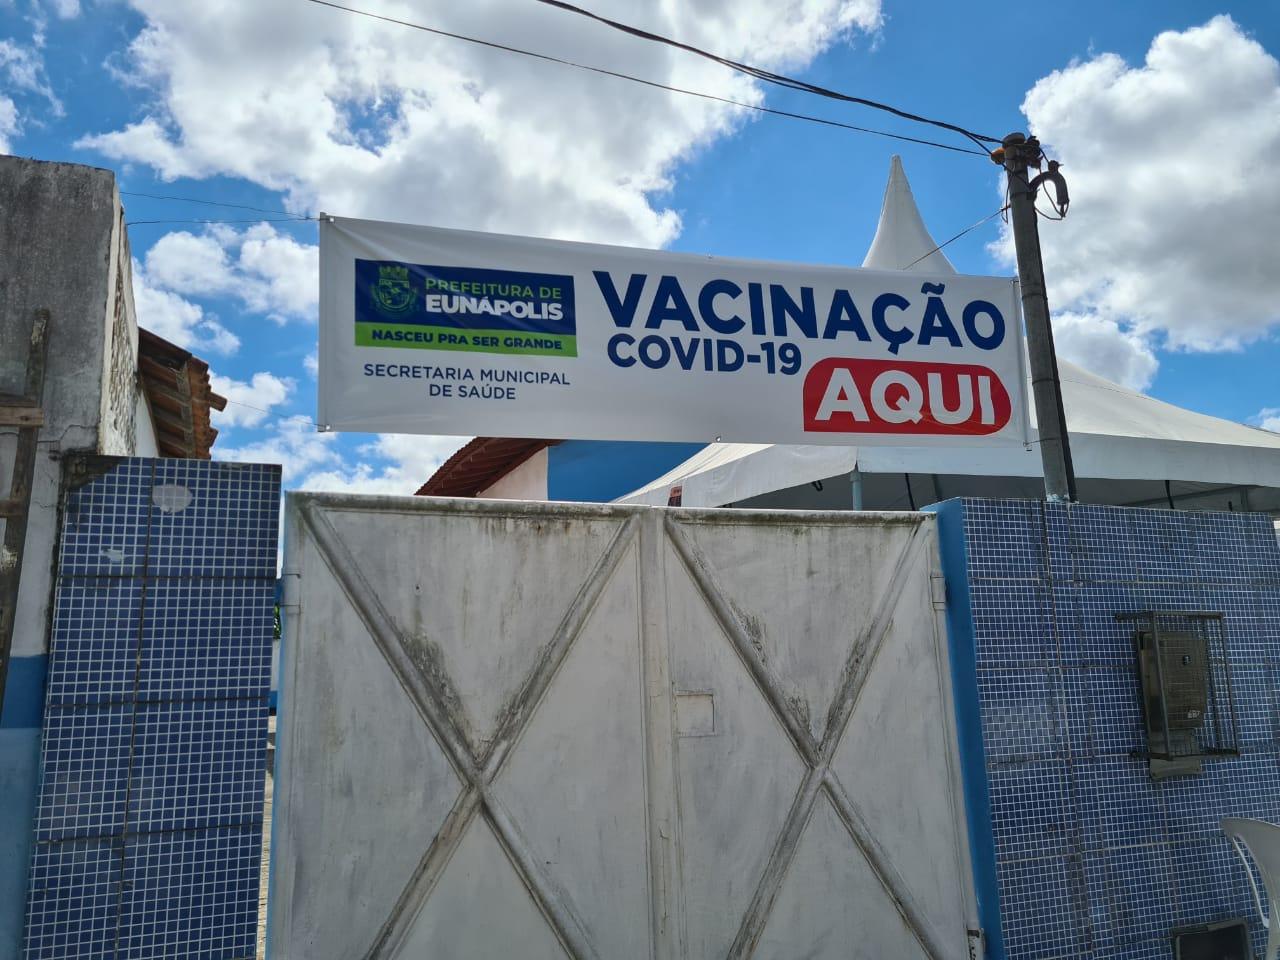 Segunda dose da vacina contra Covid-19 está garantida em Eunápolis 23